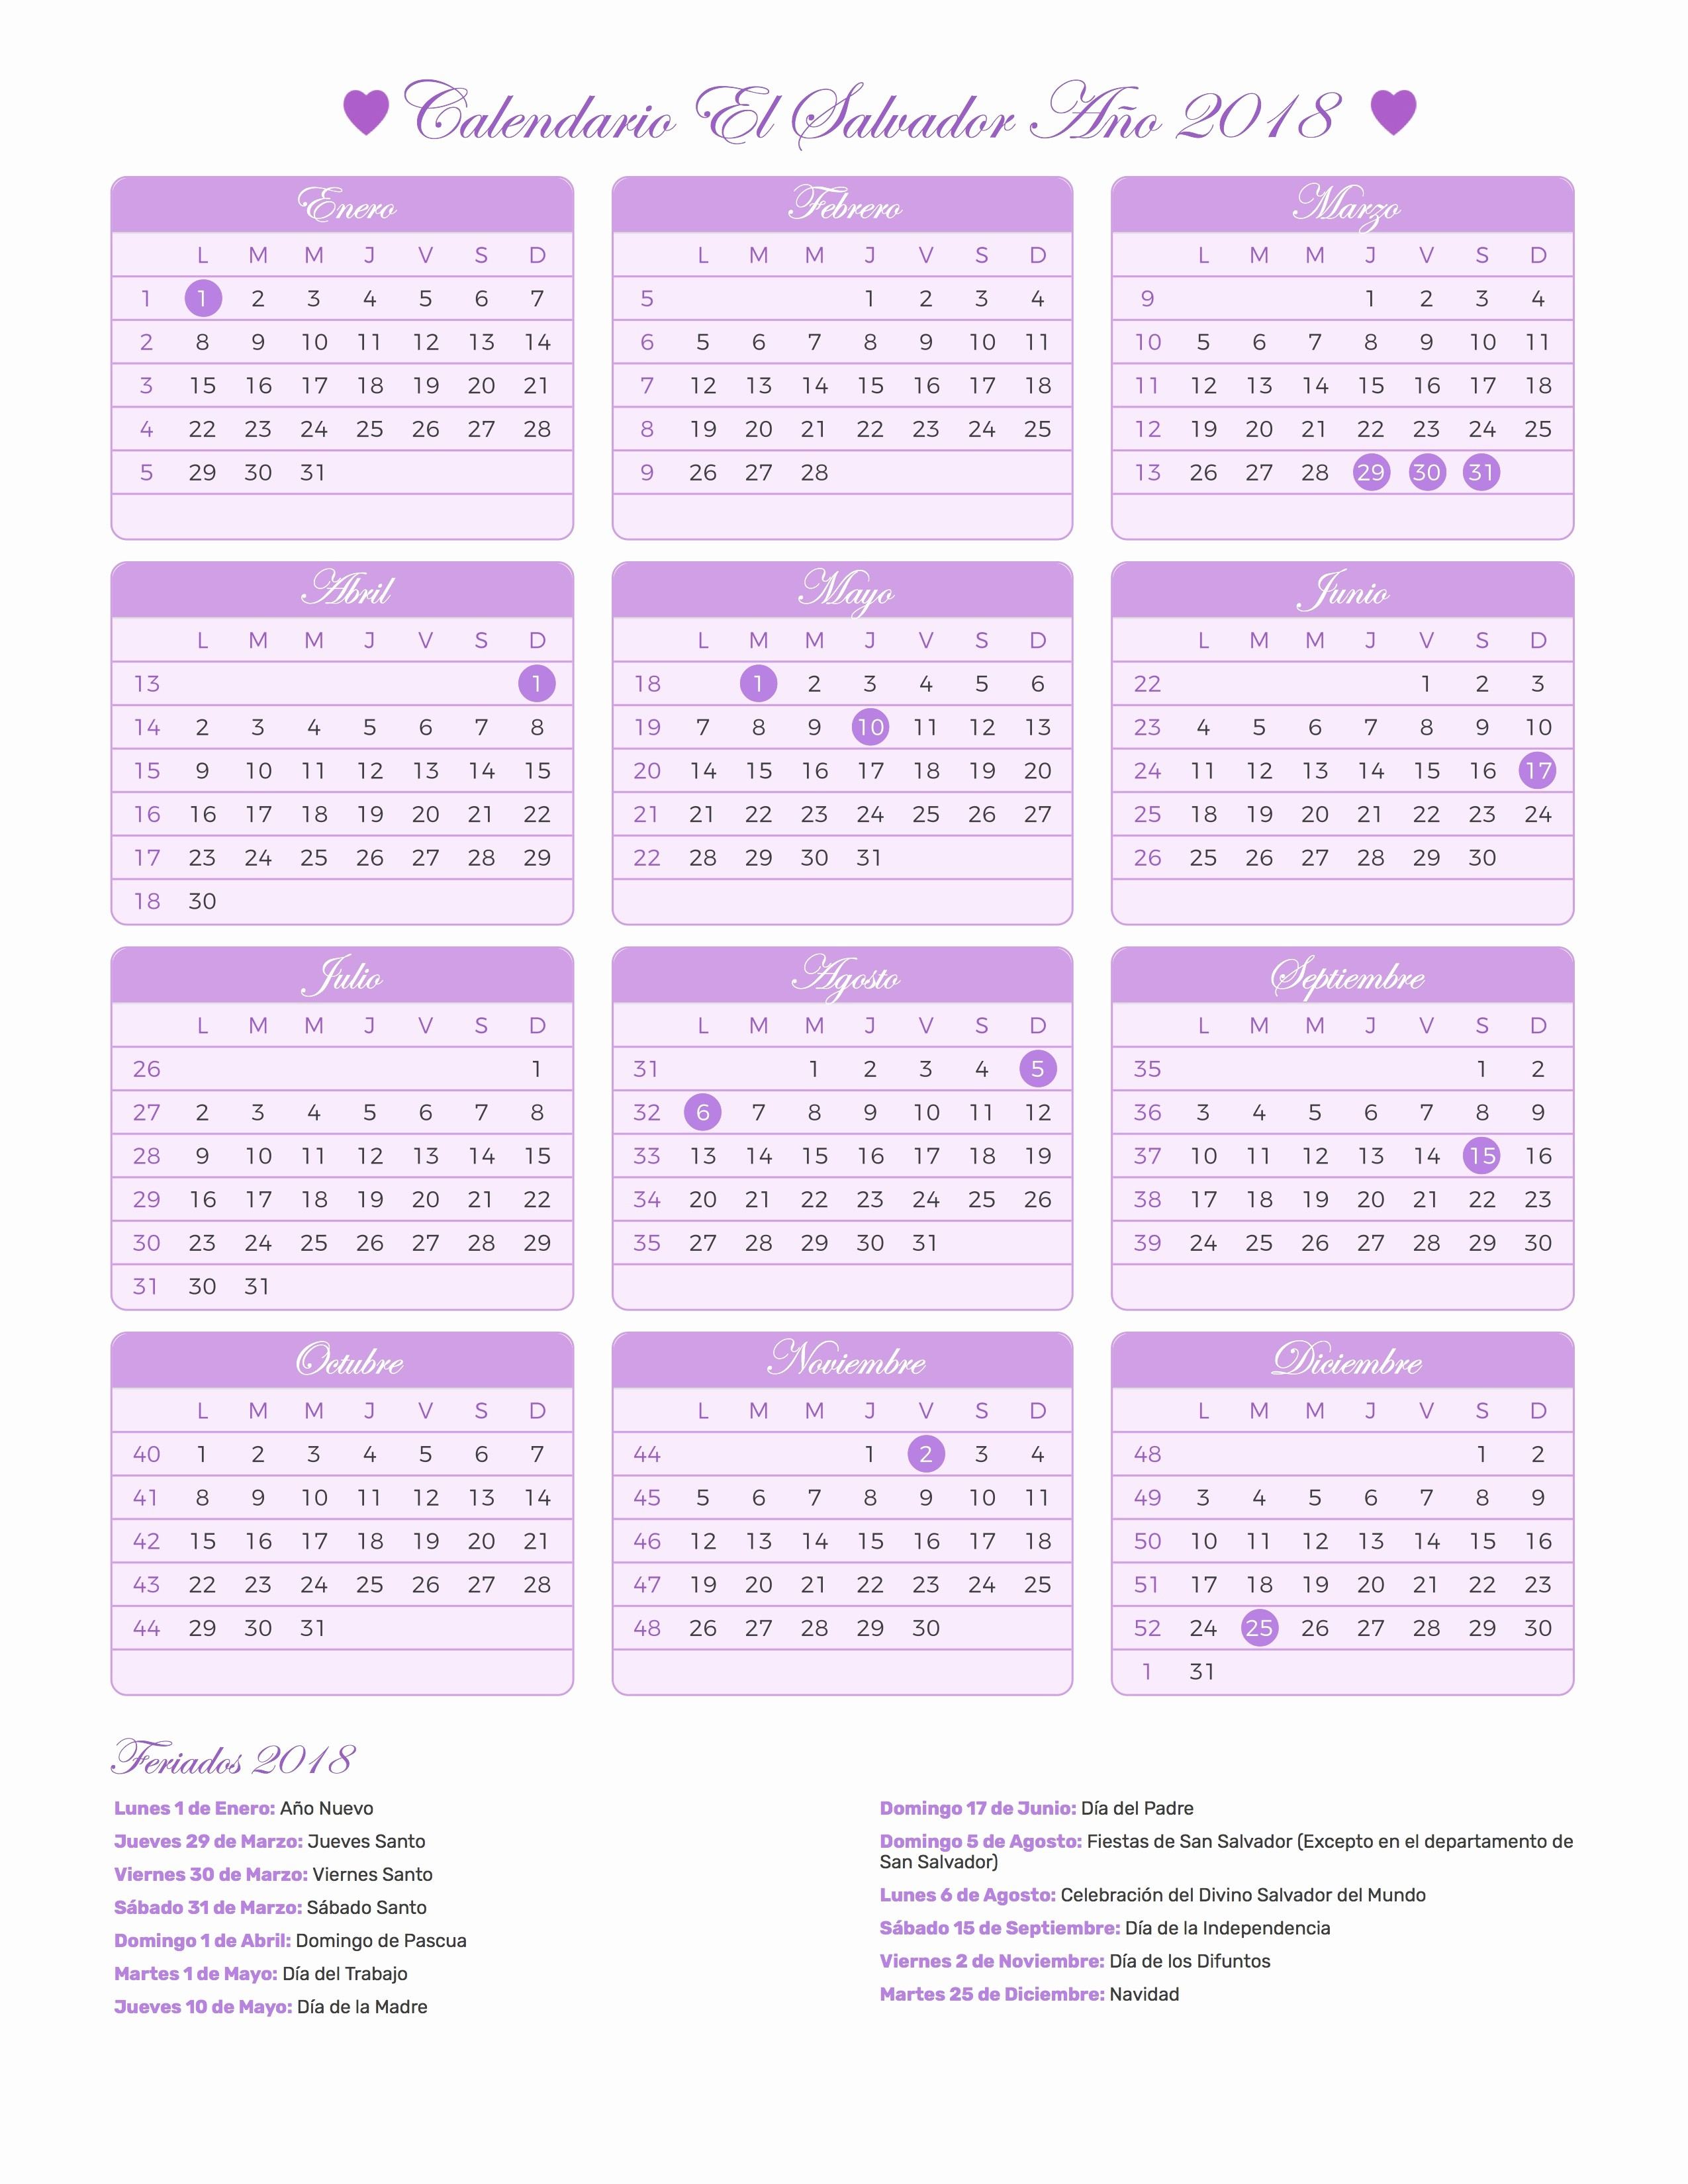 Calendario Febrero 2018 Gymvirtual Más Caliente Cada Cuanto Se Repiten Los Calendarios 2019 Para Que Estes Al Dia Of Calendario Febrero 2018 Gymvirtual Más Reciente Corazones Rojos Y Un Punto